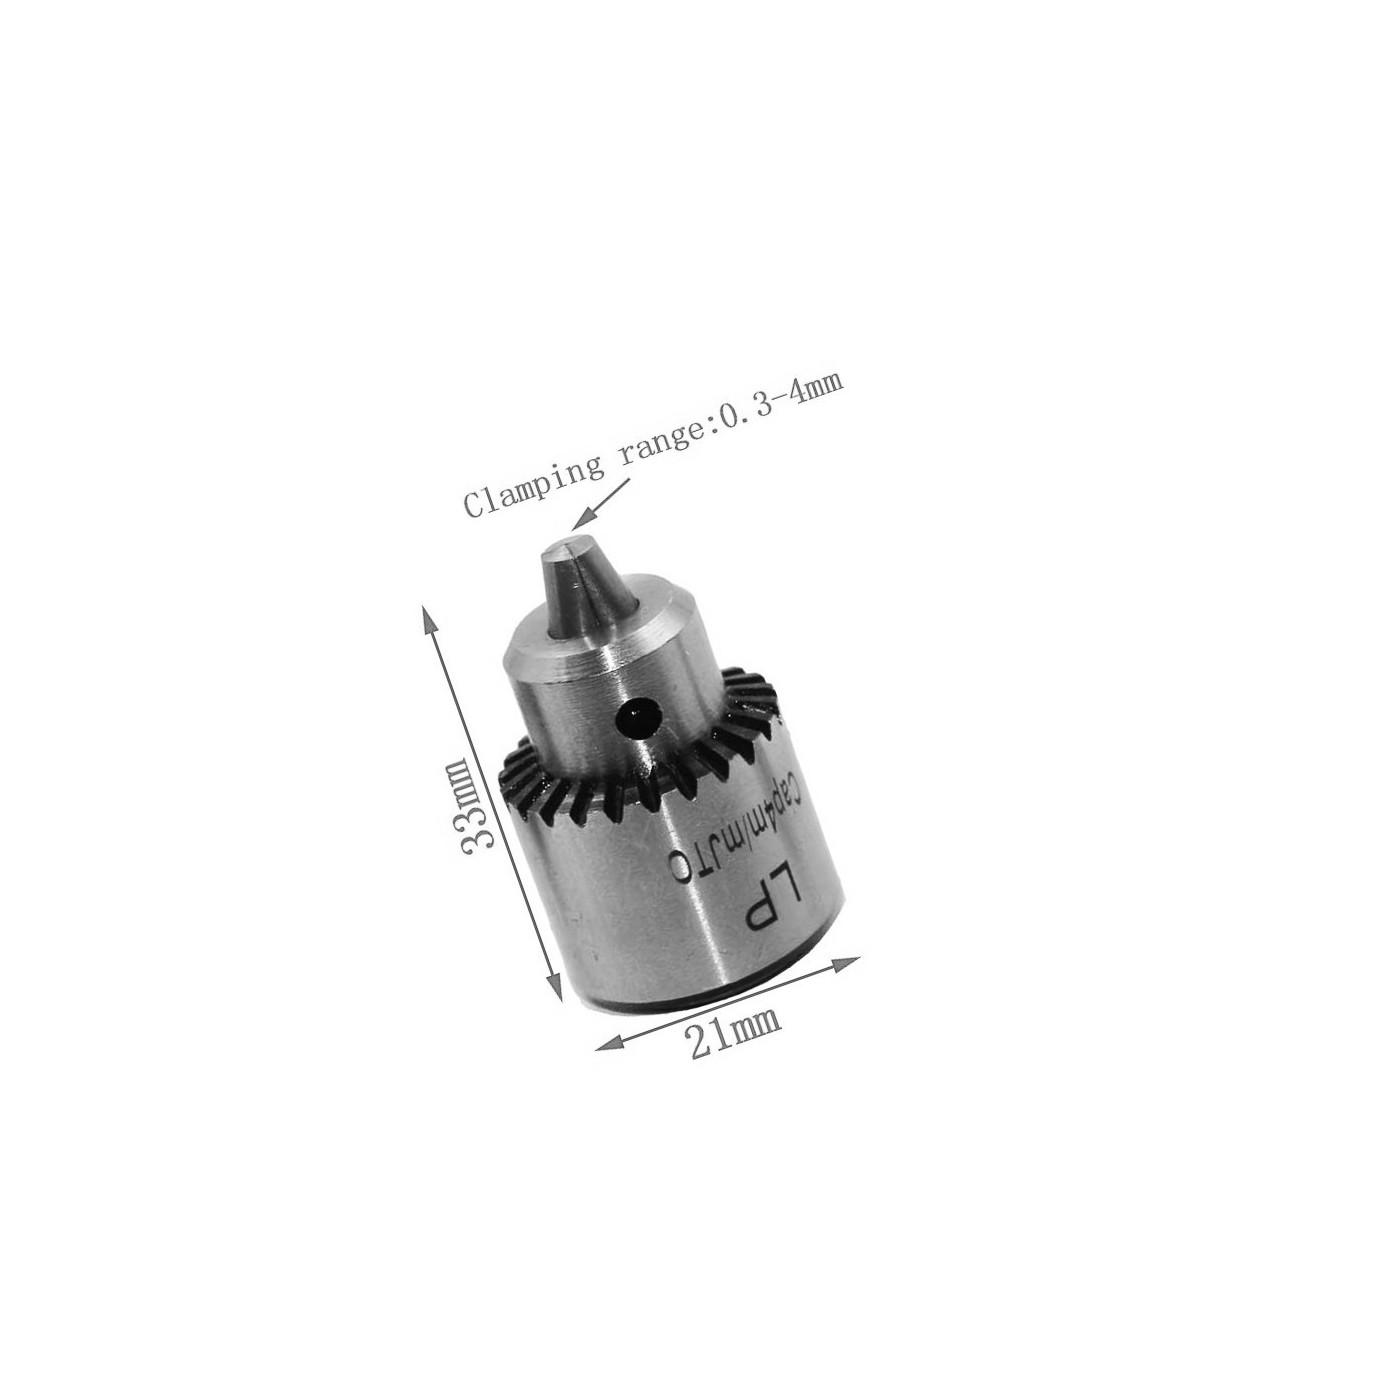 Mini drill chuck 0.3 - 4.0 mm